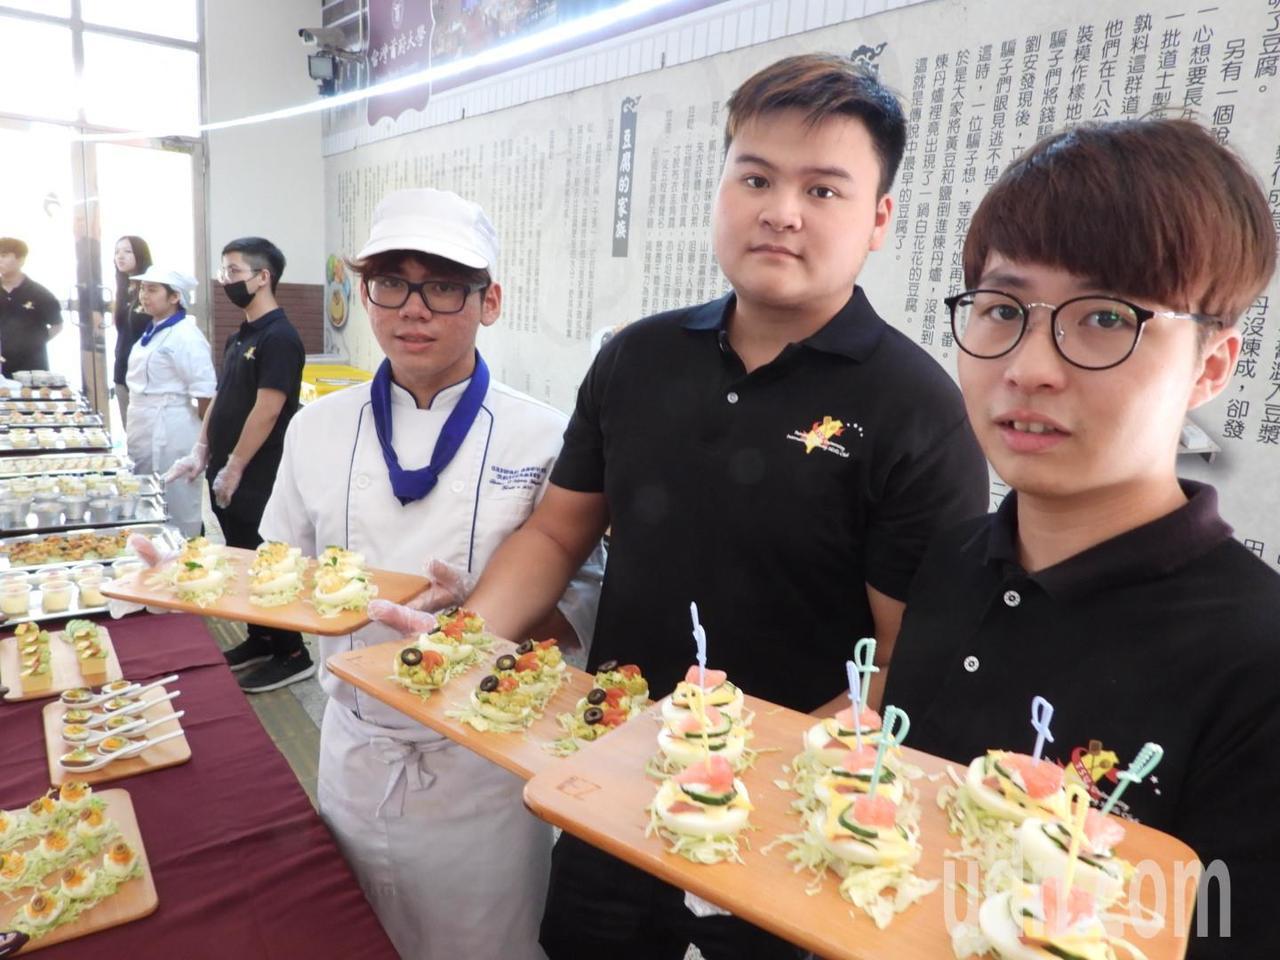 台首大餐飲系師生利用優質台南雞蛋,製作各種精緻點心。記者周宗禎/攝影